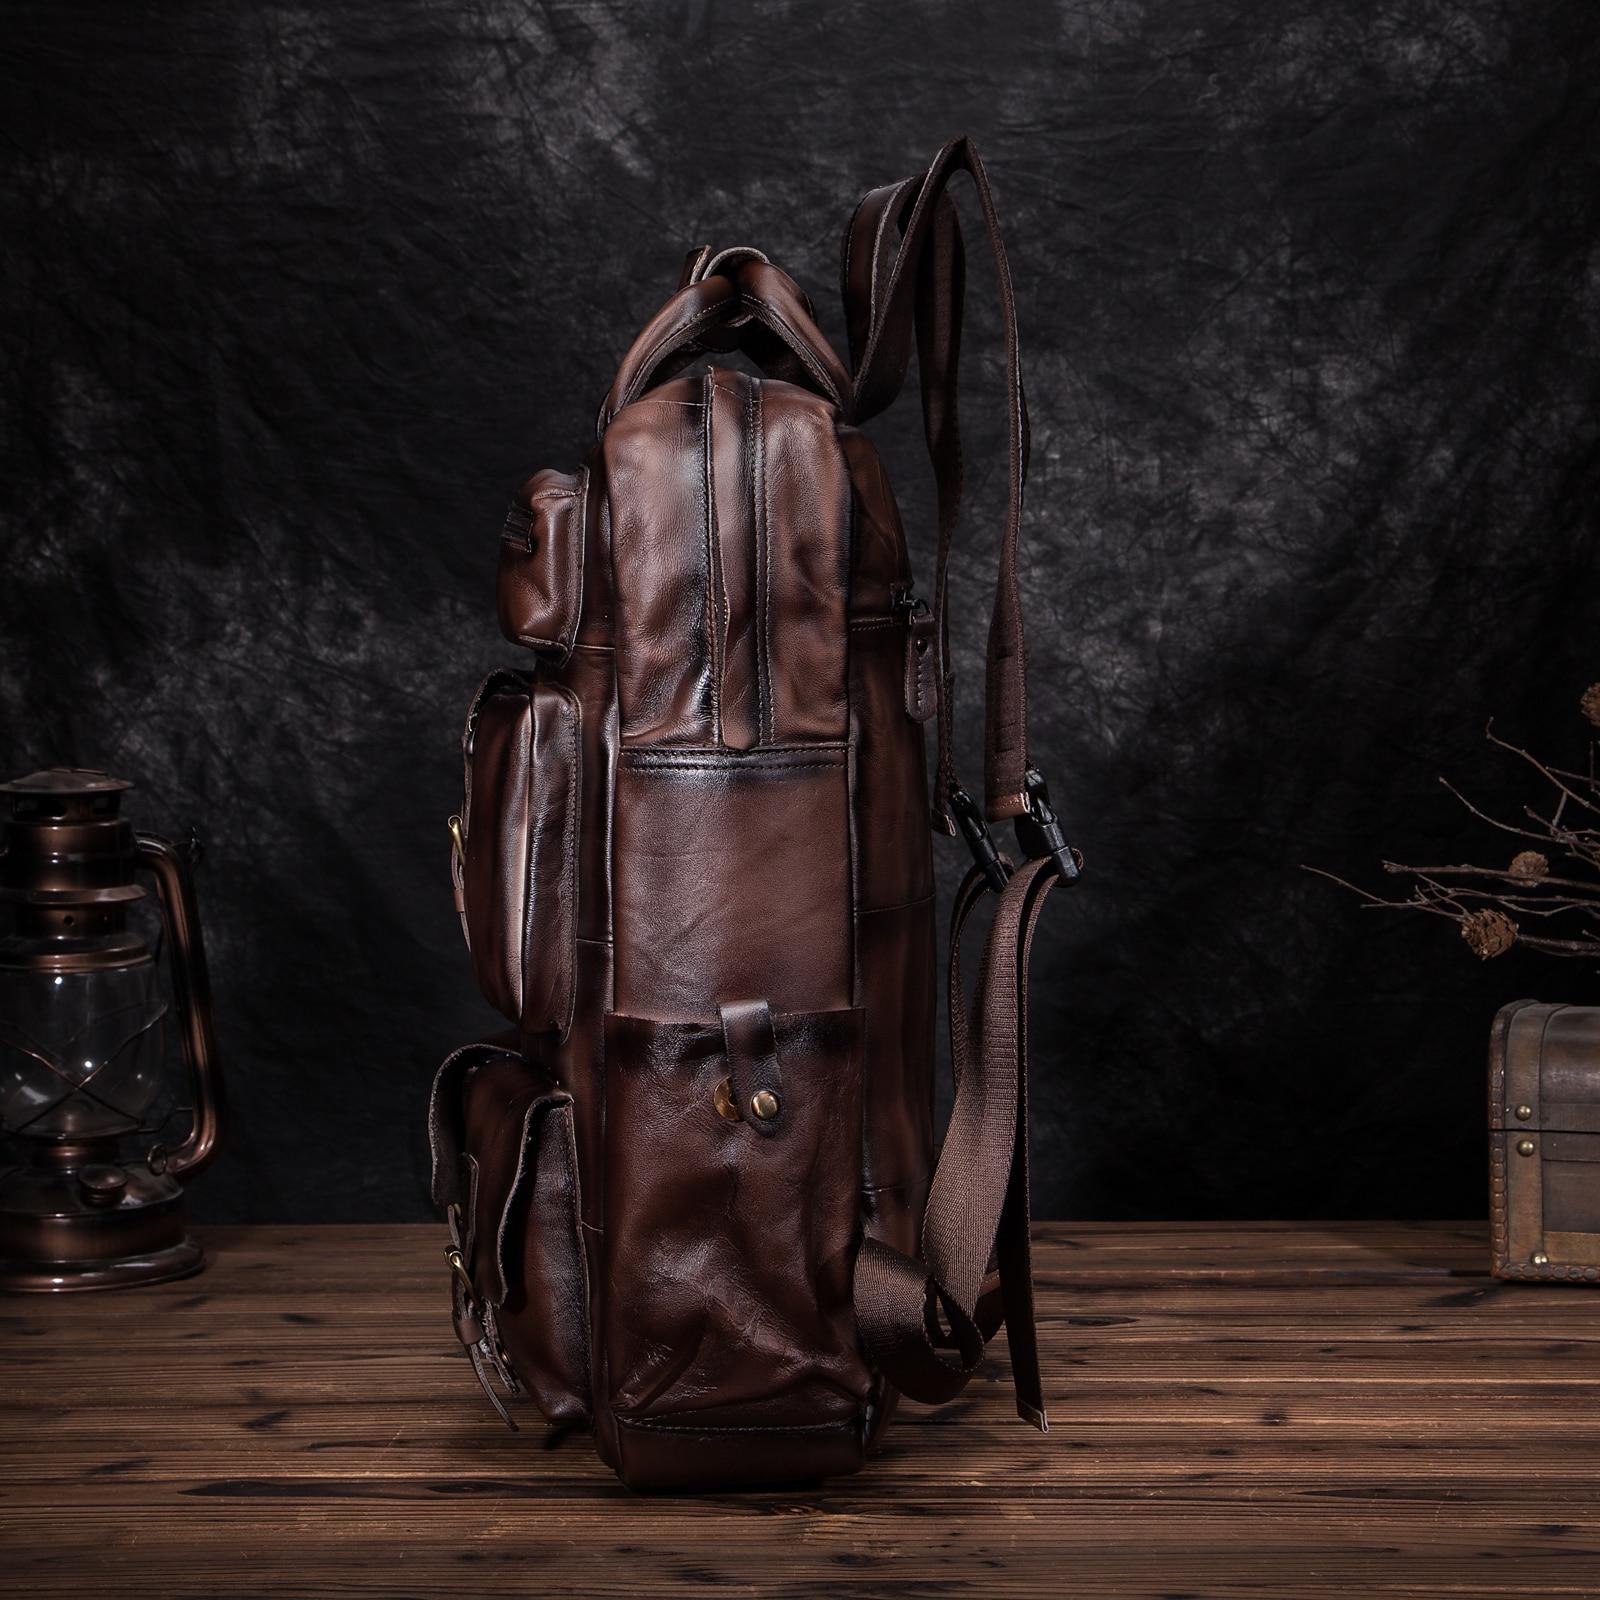 جودة أزياء والجلود سفر كلية حقيبة مدرسية تصميم الذكور الثقيلة كبيرة على ظهره Daypack حقيبة الطالب حقيبة لابتوب الرجال 1170 dc-في حقائب الظهر من حقائب وأمتعة على  مجموعة 3